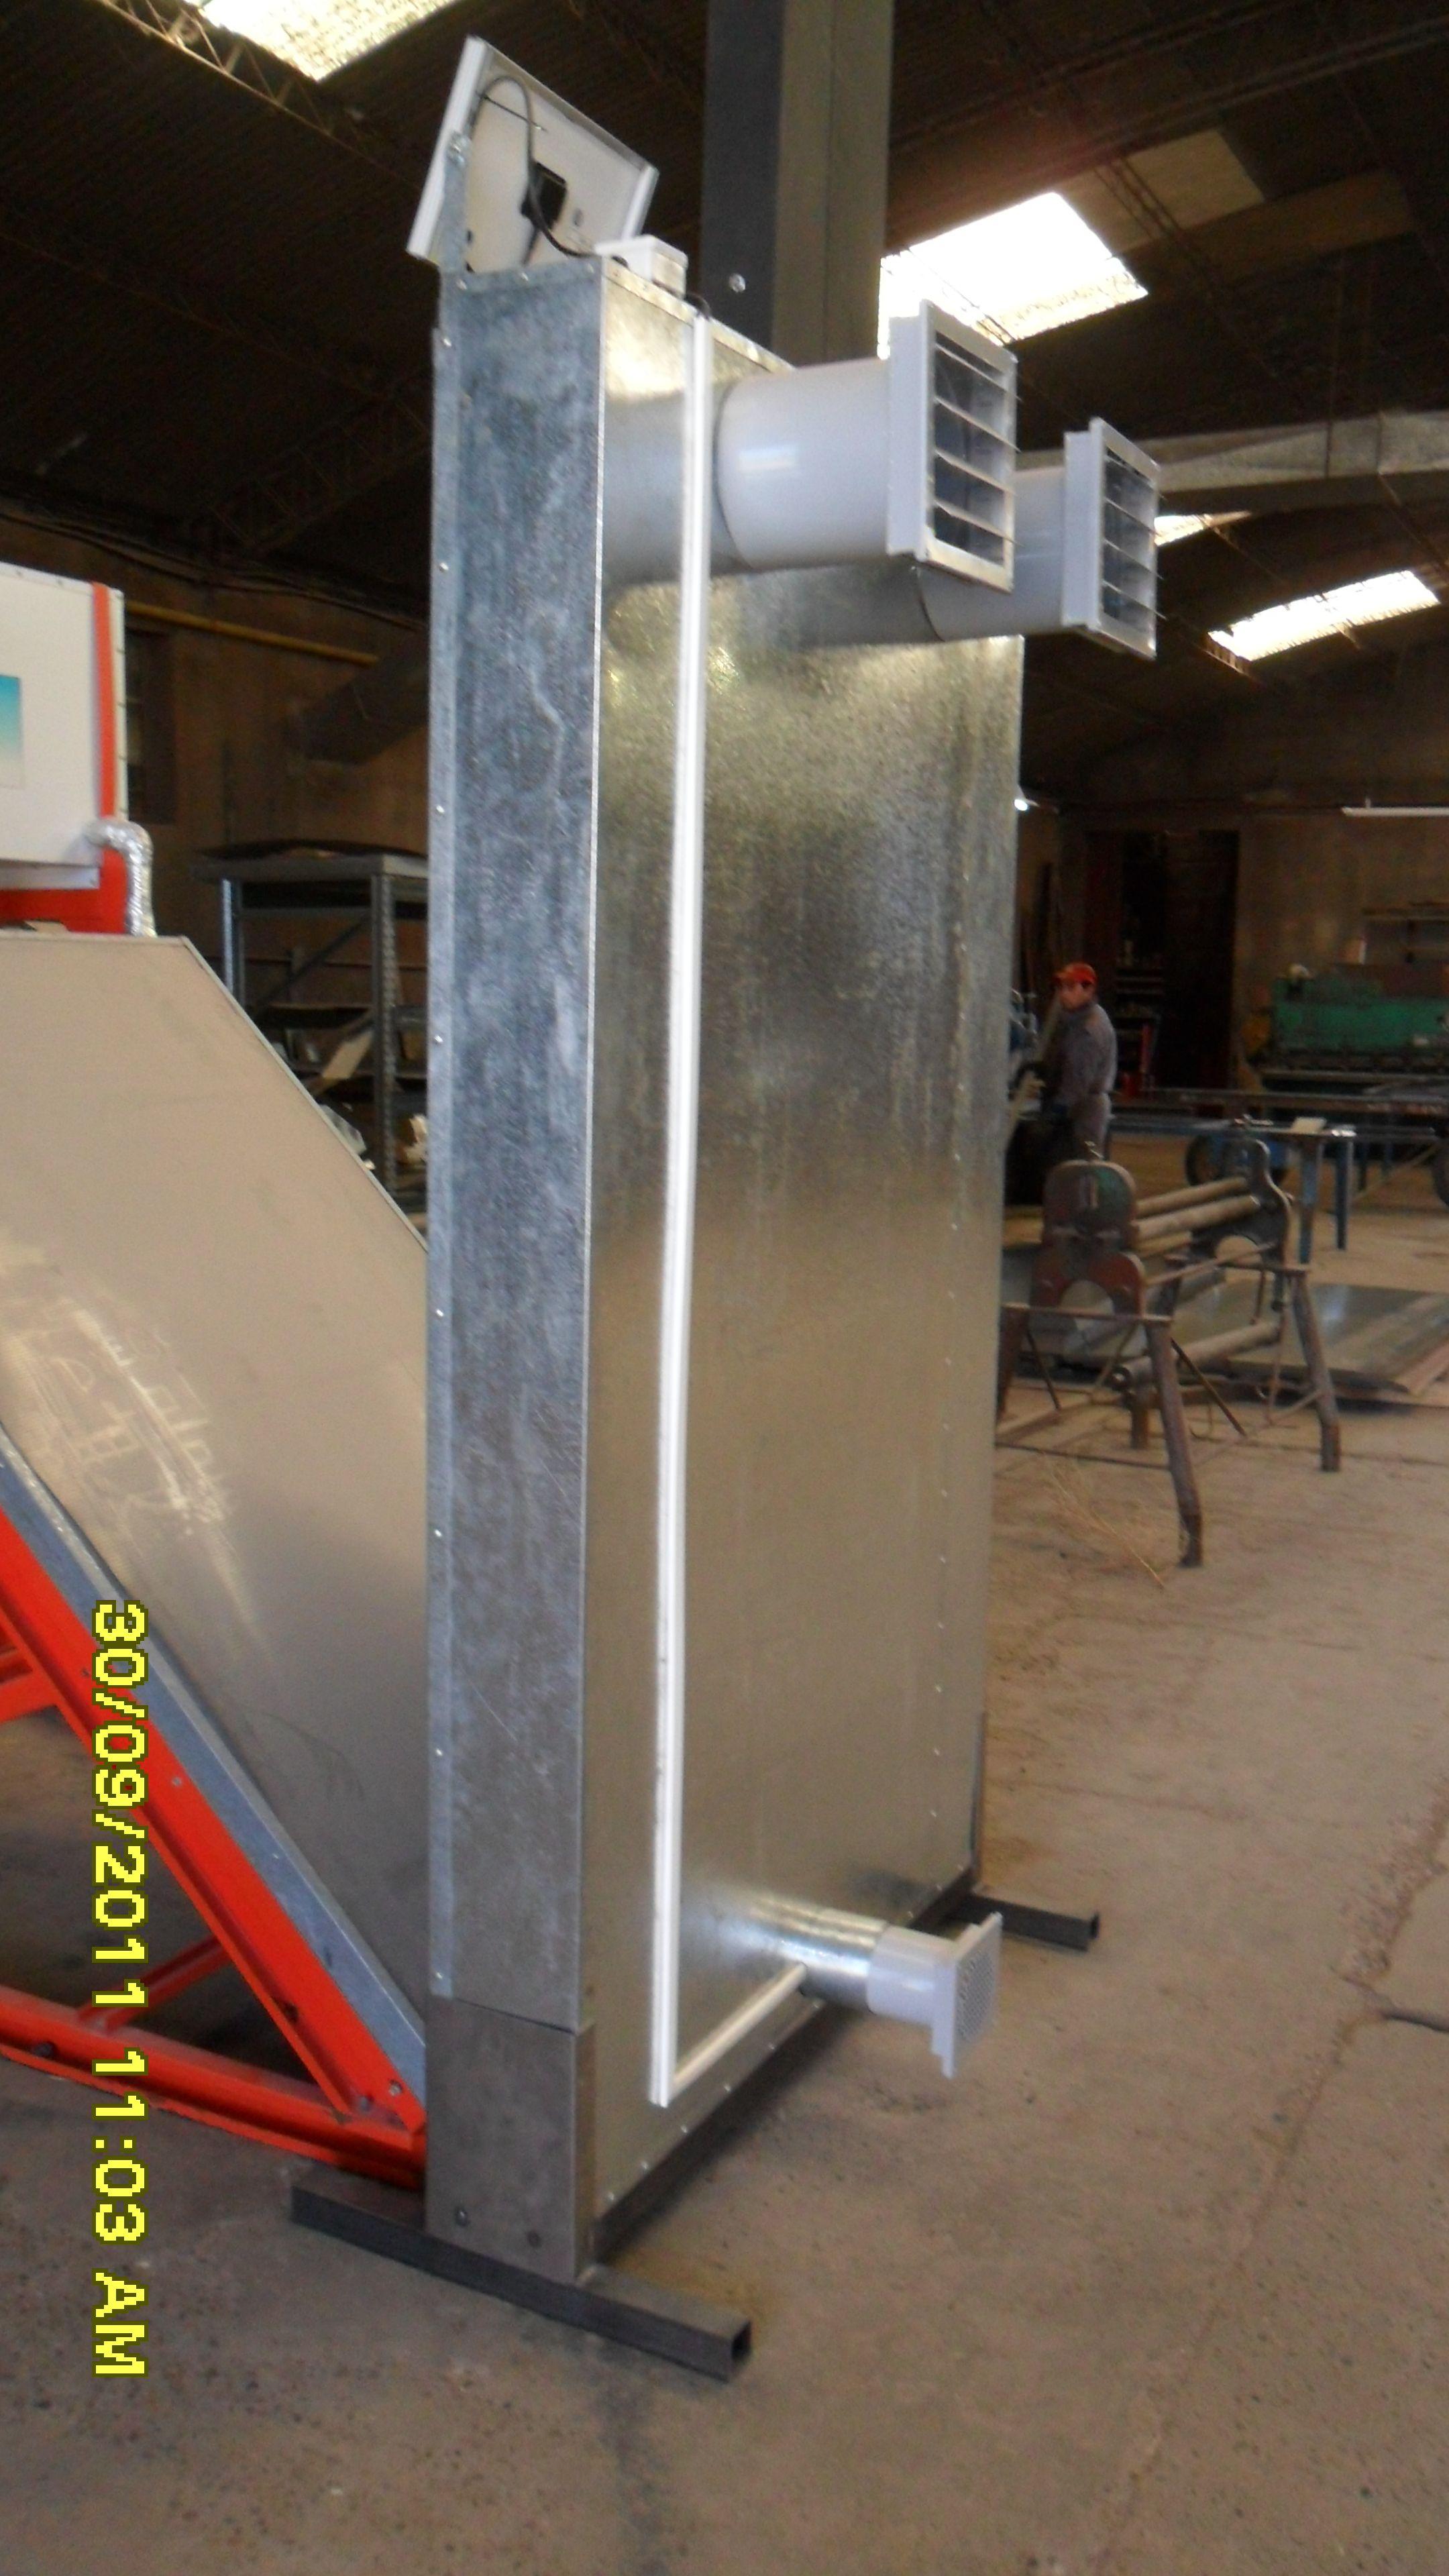 Acondicionador De Aire Hogare Solar El Cual Produce En